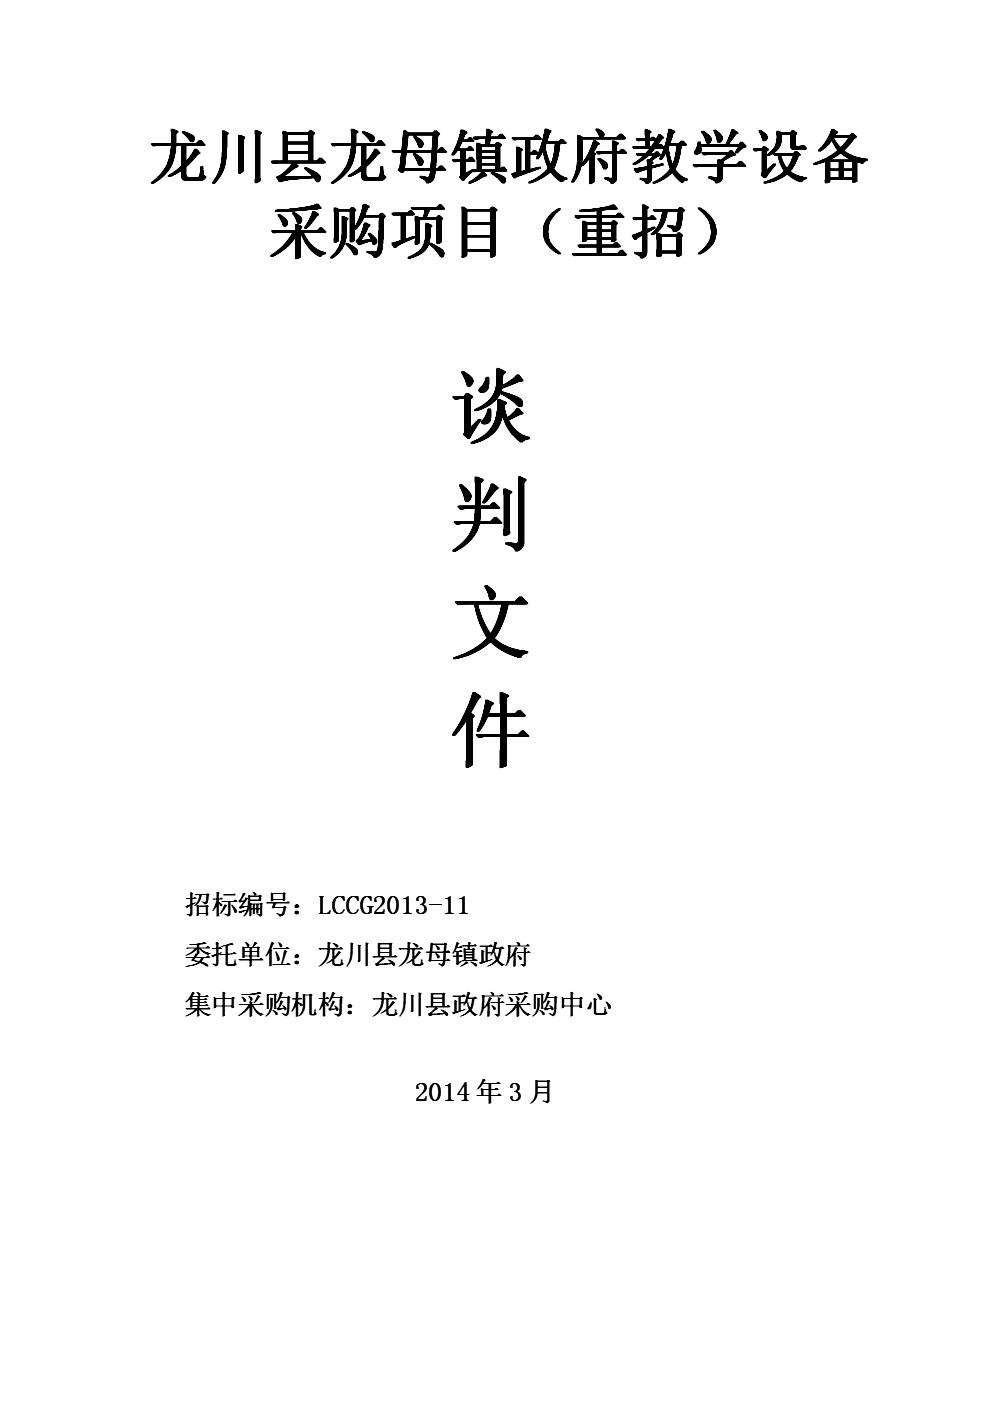 龙川市龙母镇政府教学设备 采购项目(重招).doc